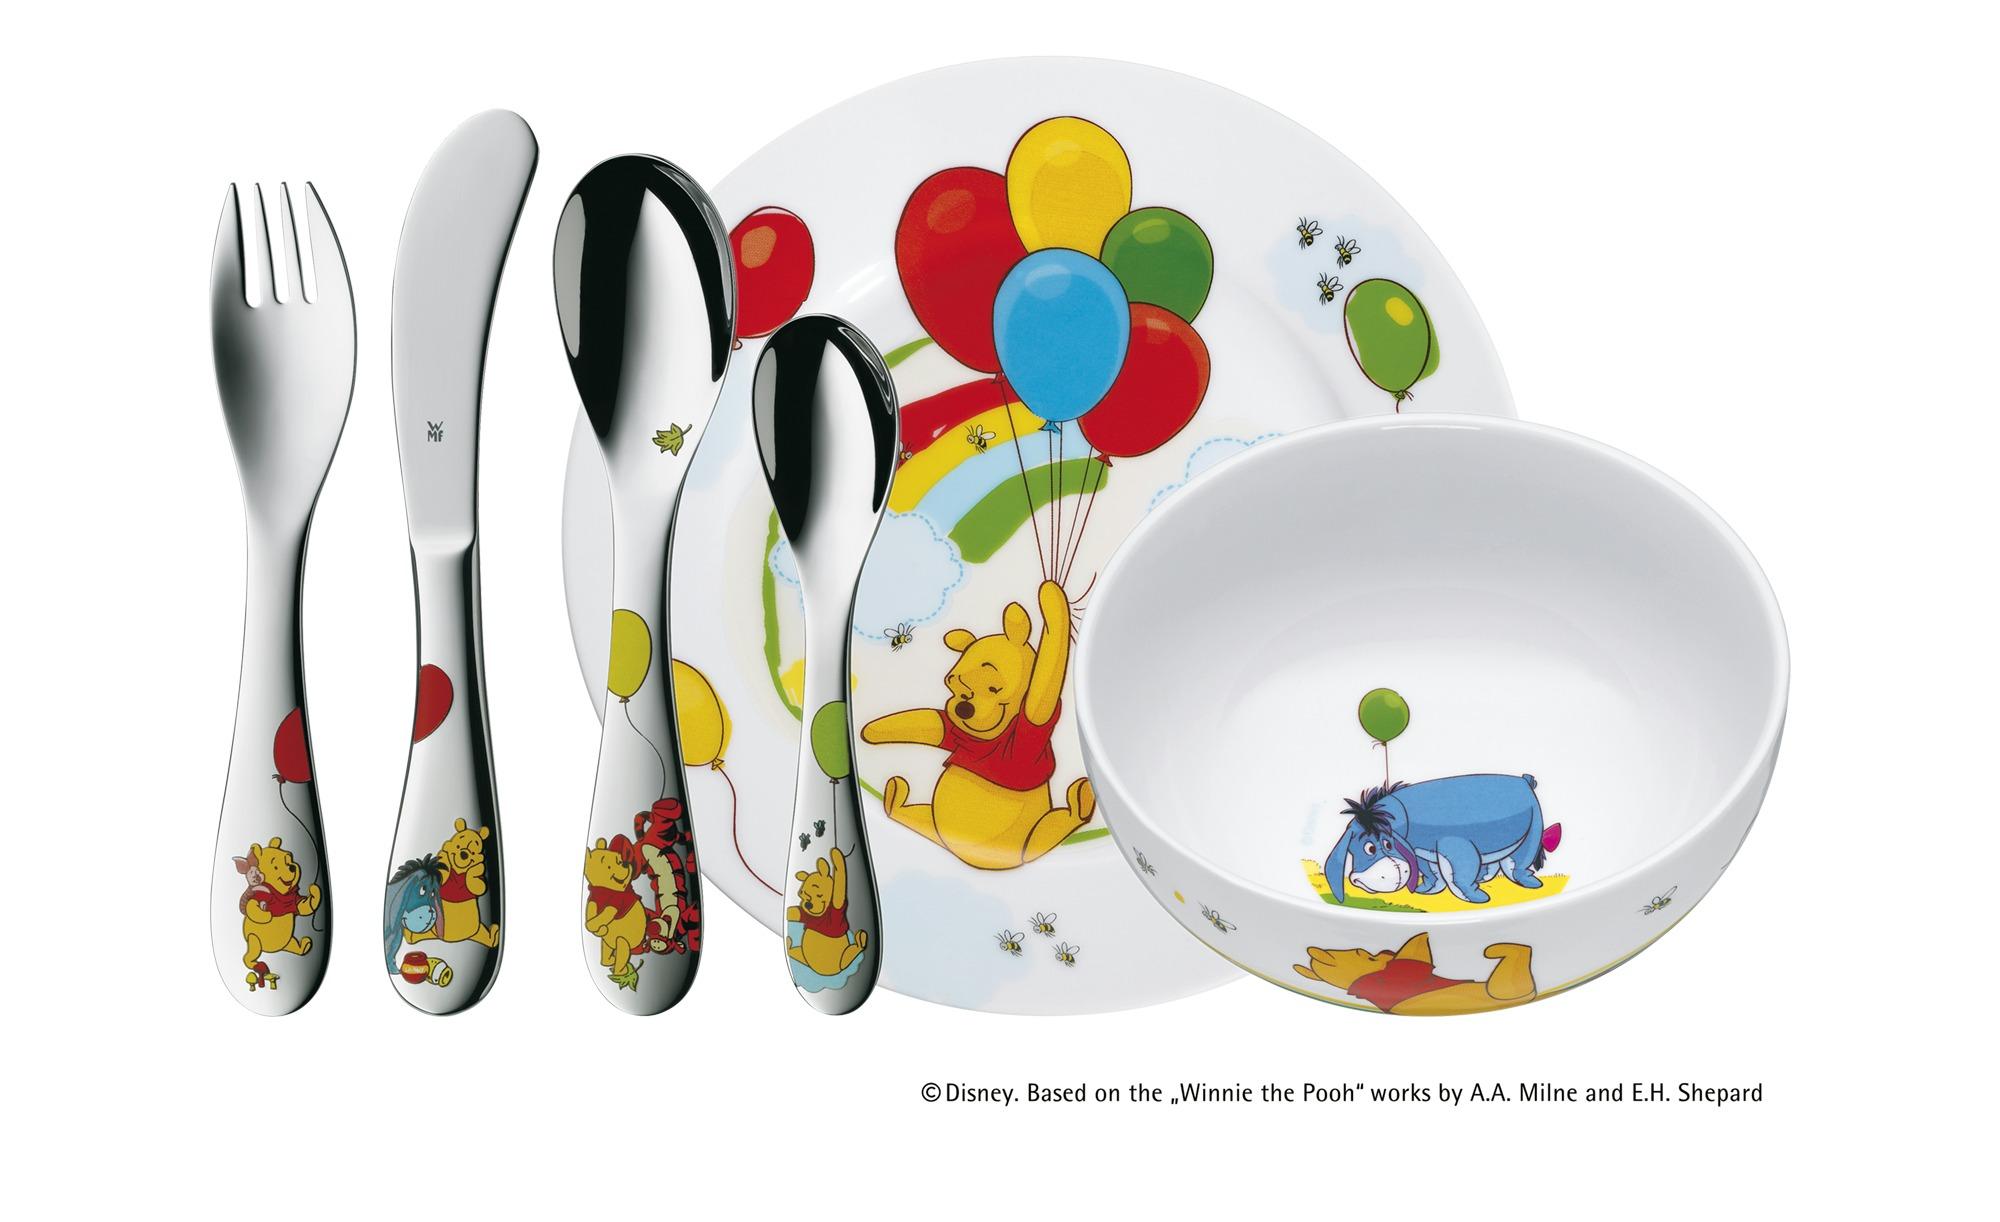 WMF Kindergeschirr 6-teilig Winnie the Pooh, gefunden bei Möbel Kraft